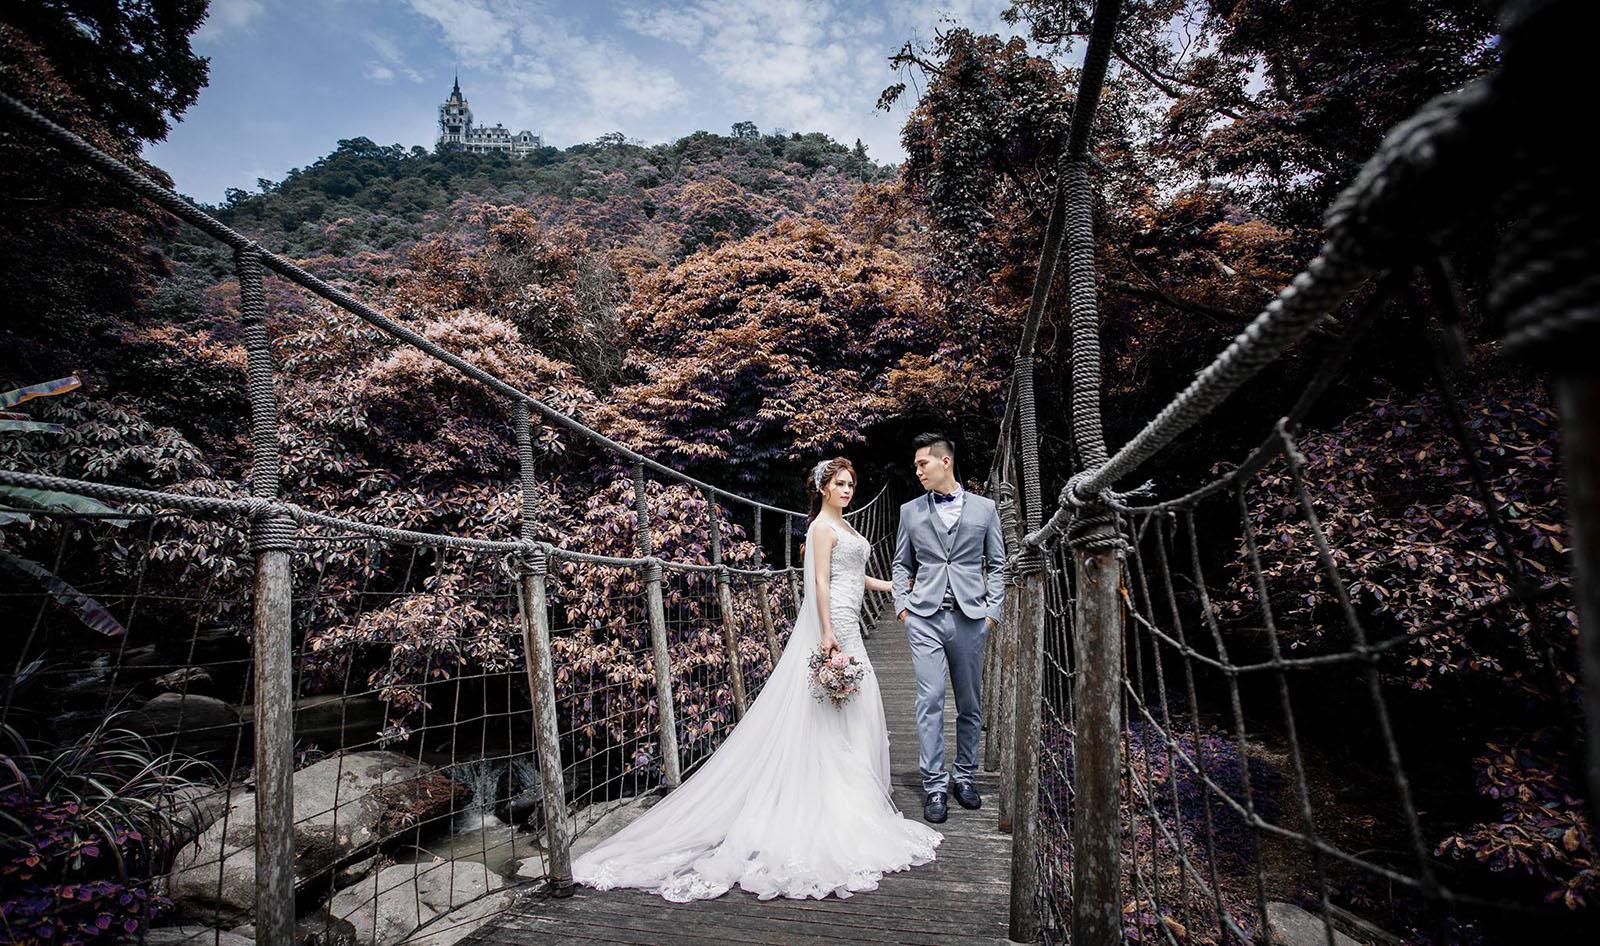 Chụp ảnh cưới dã ngoại – Chụp ảnh cưới kết hợp du lịch, tại sao không?